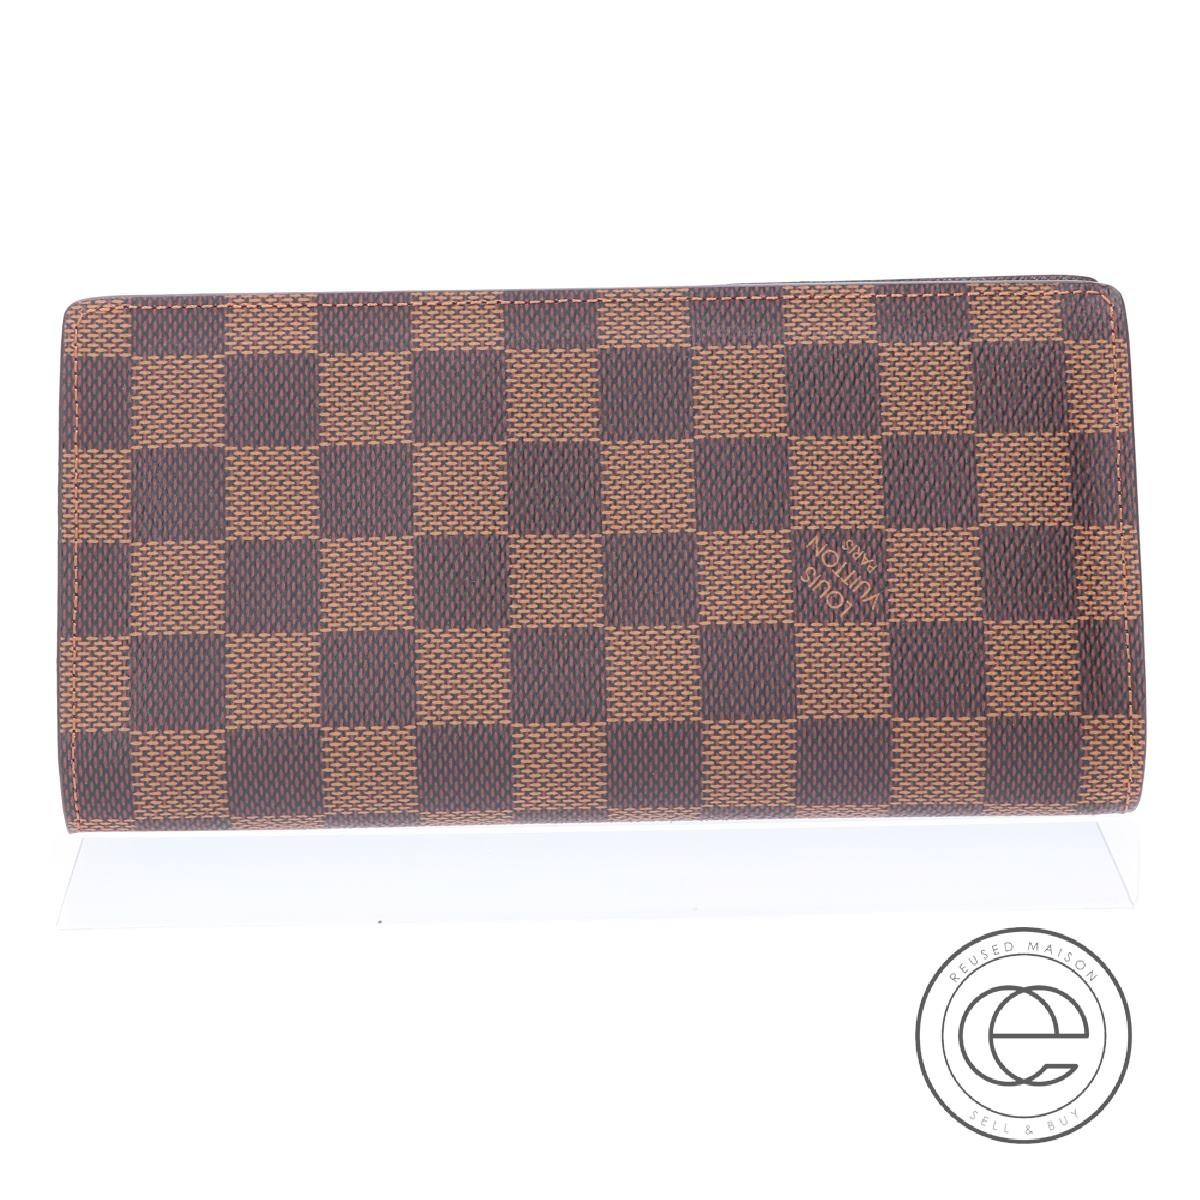 LOUIS VUITTON ルイヴィトン N60017 ポルトフォイユ・ブラザ 長財布(小銭入れあり) メンズ 【中古】